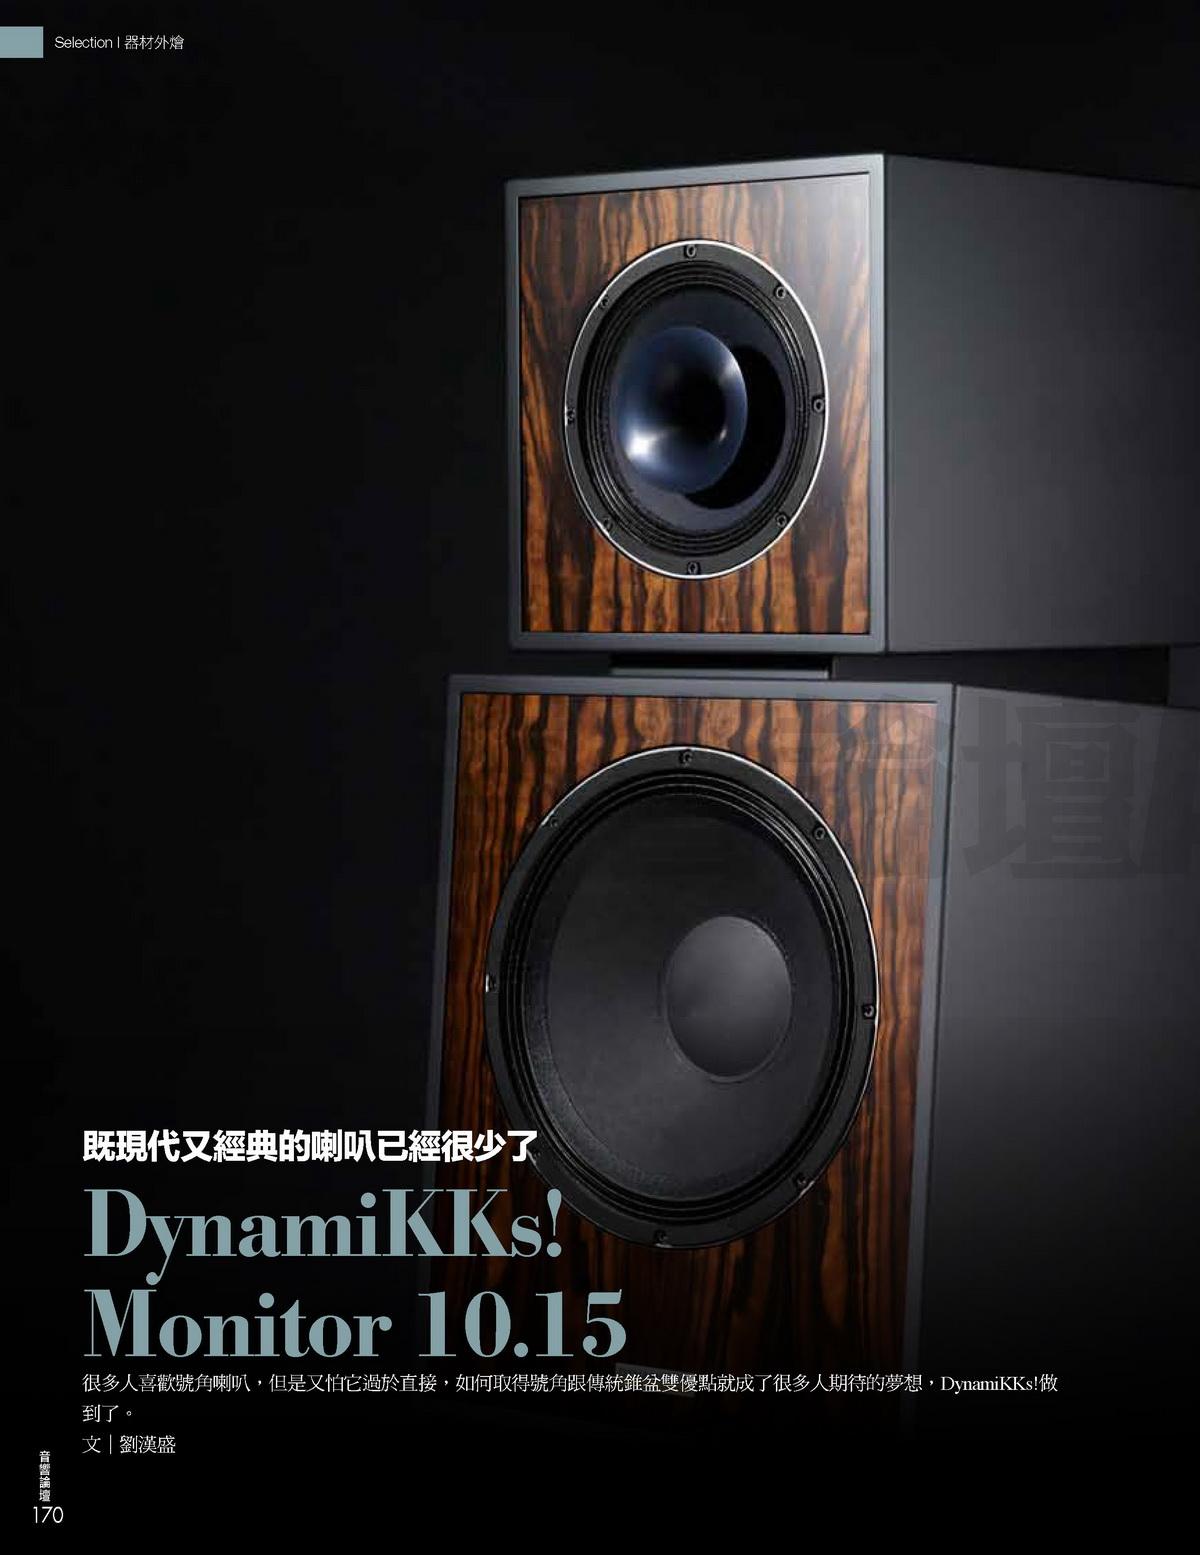 298期DynamiKKs! Monitor 10.15_頁面_1